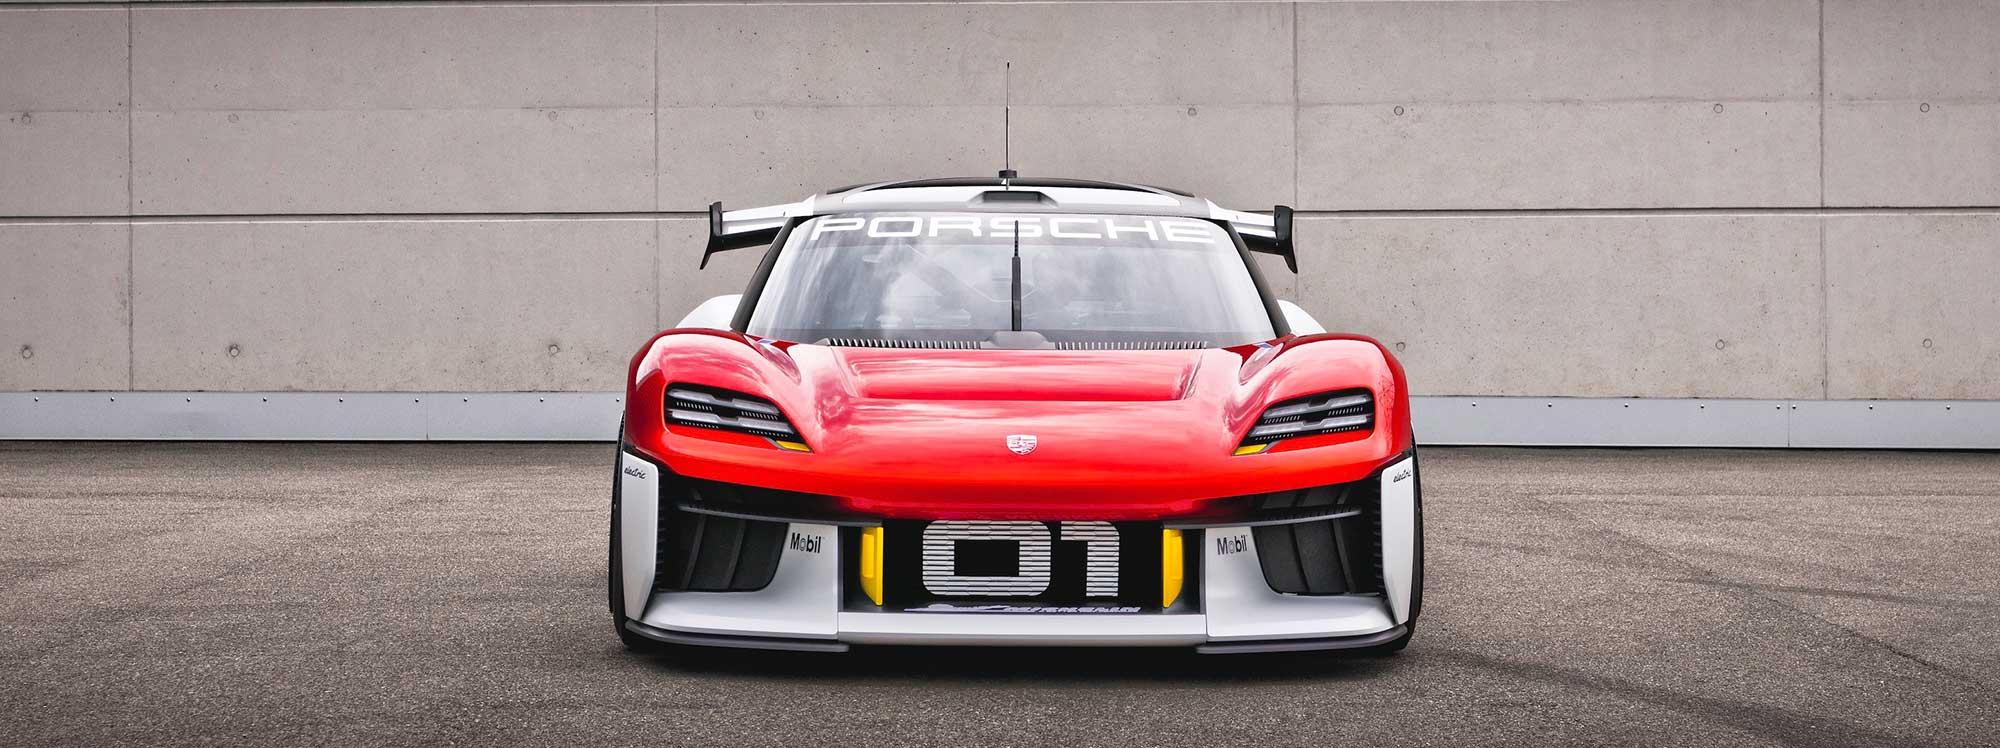 Porsche, de las carreras a la producción en serie